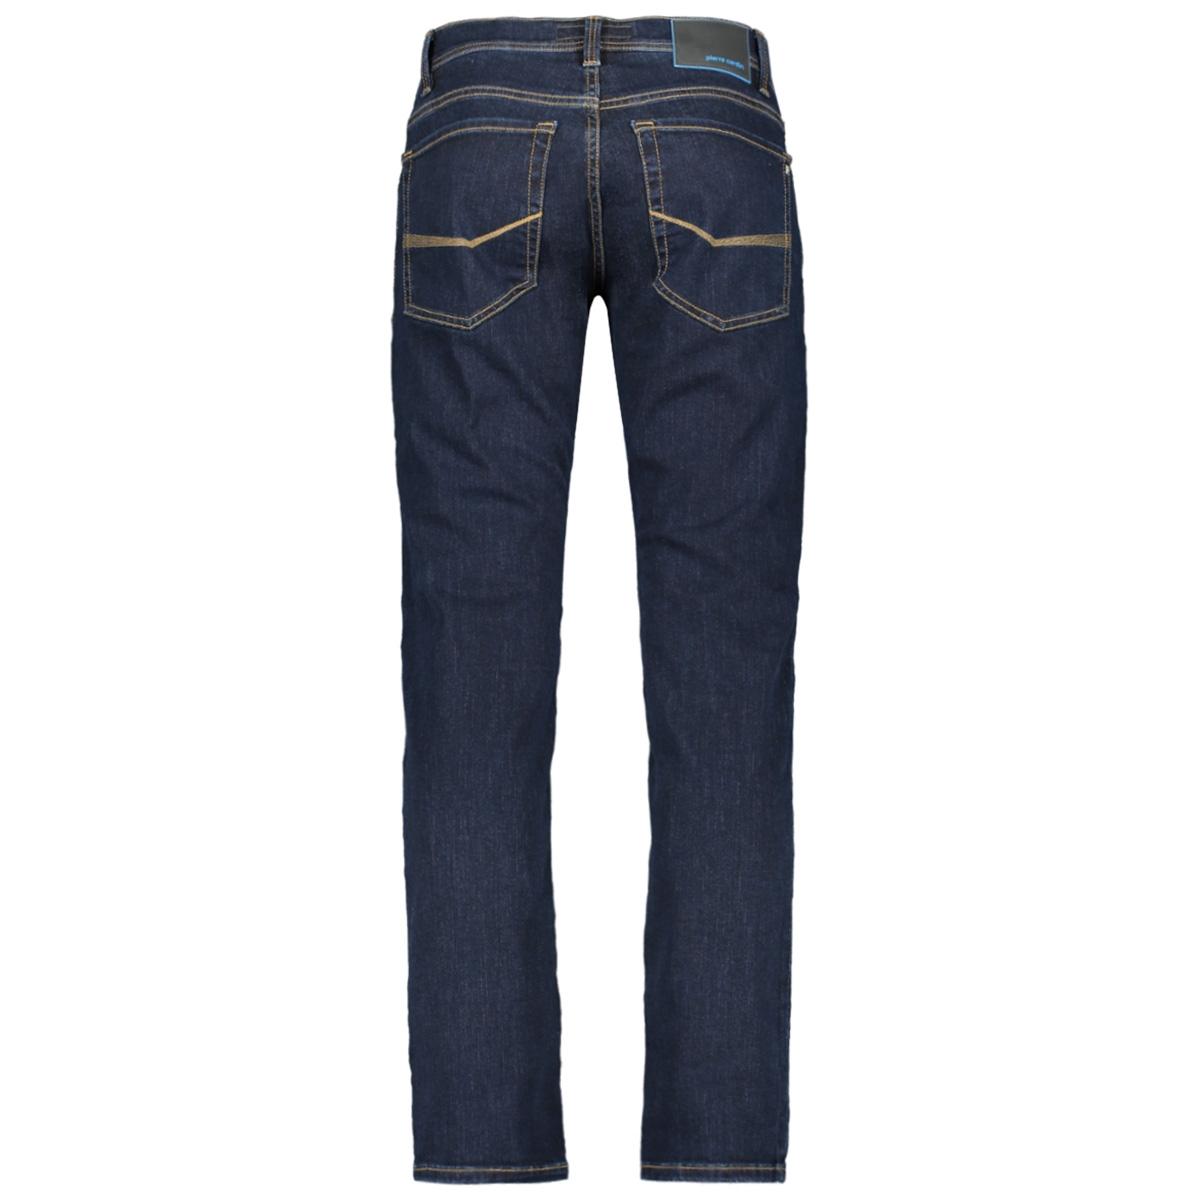 lyon tapered 3451 8880 pierre cardin jeans 89